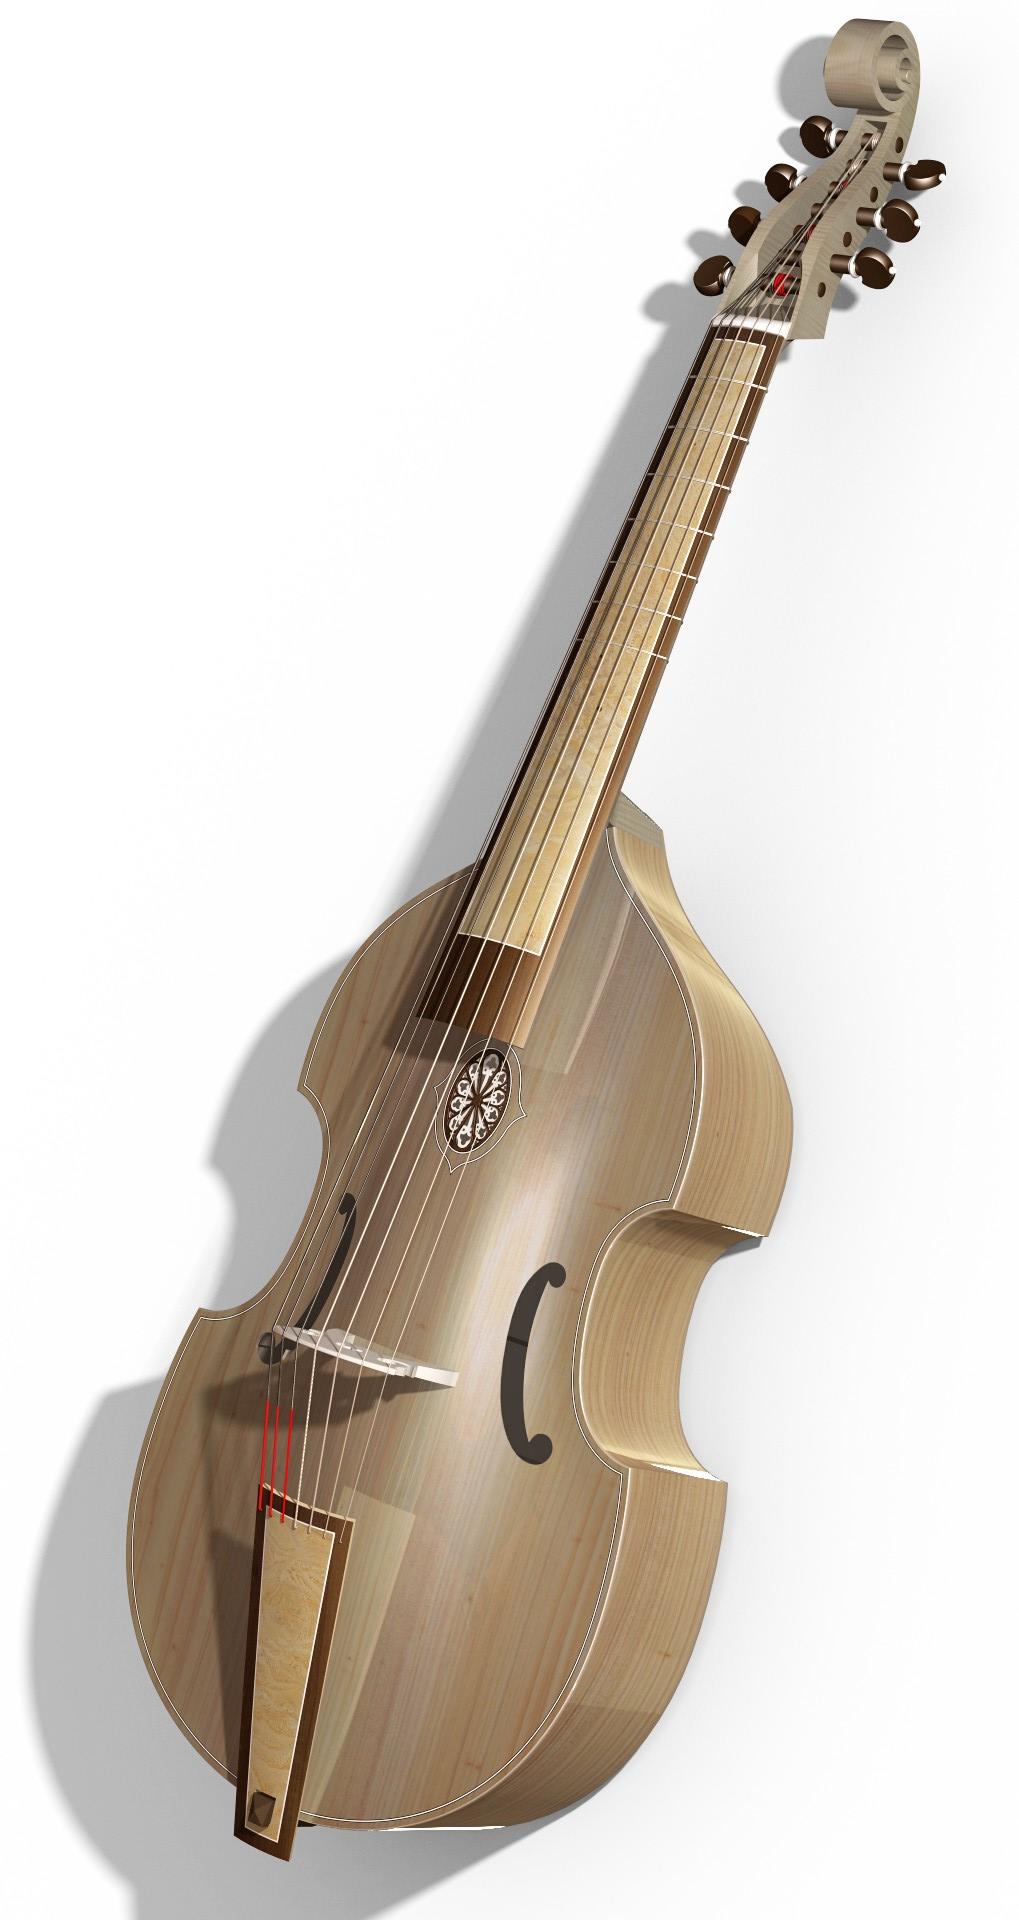 [Lutherie] Viole de gambe à 7 cordes. - Page 9 Assemb37